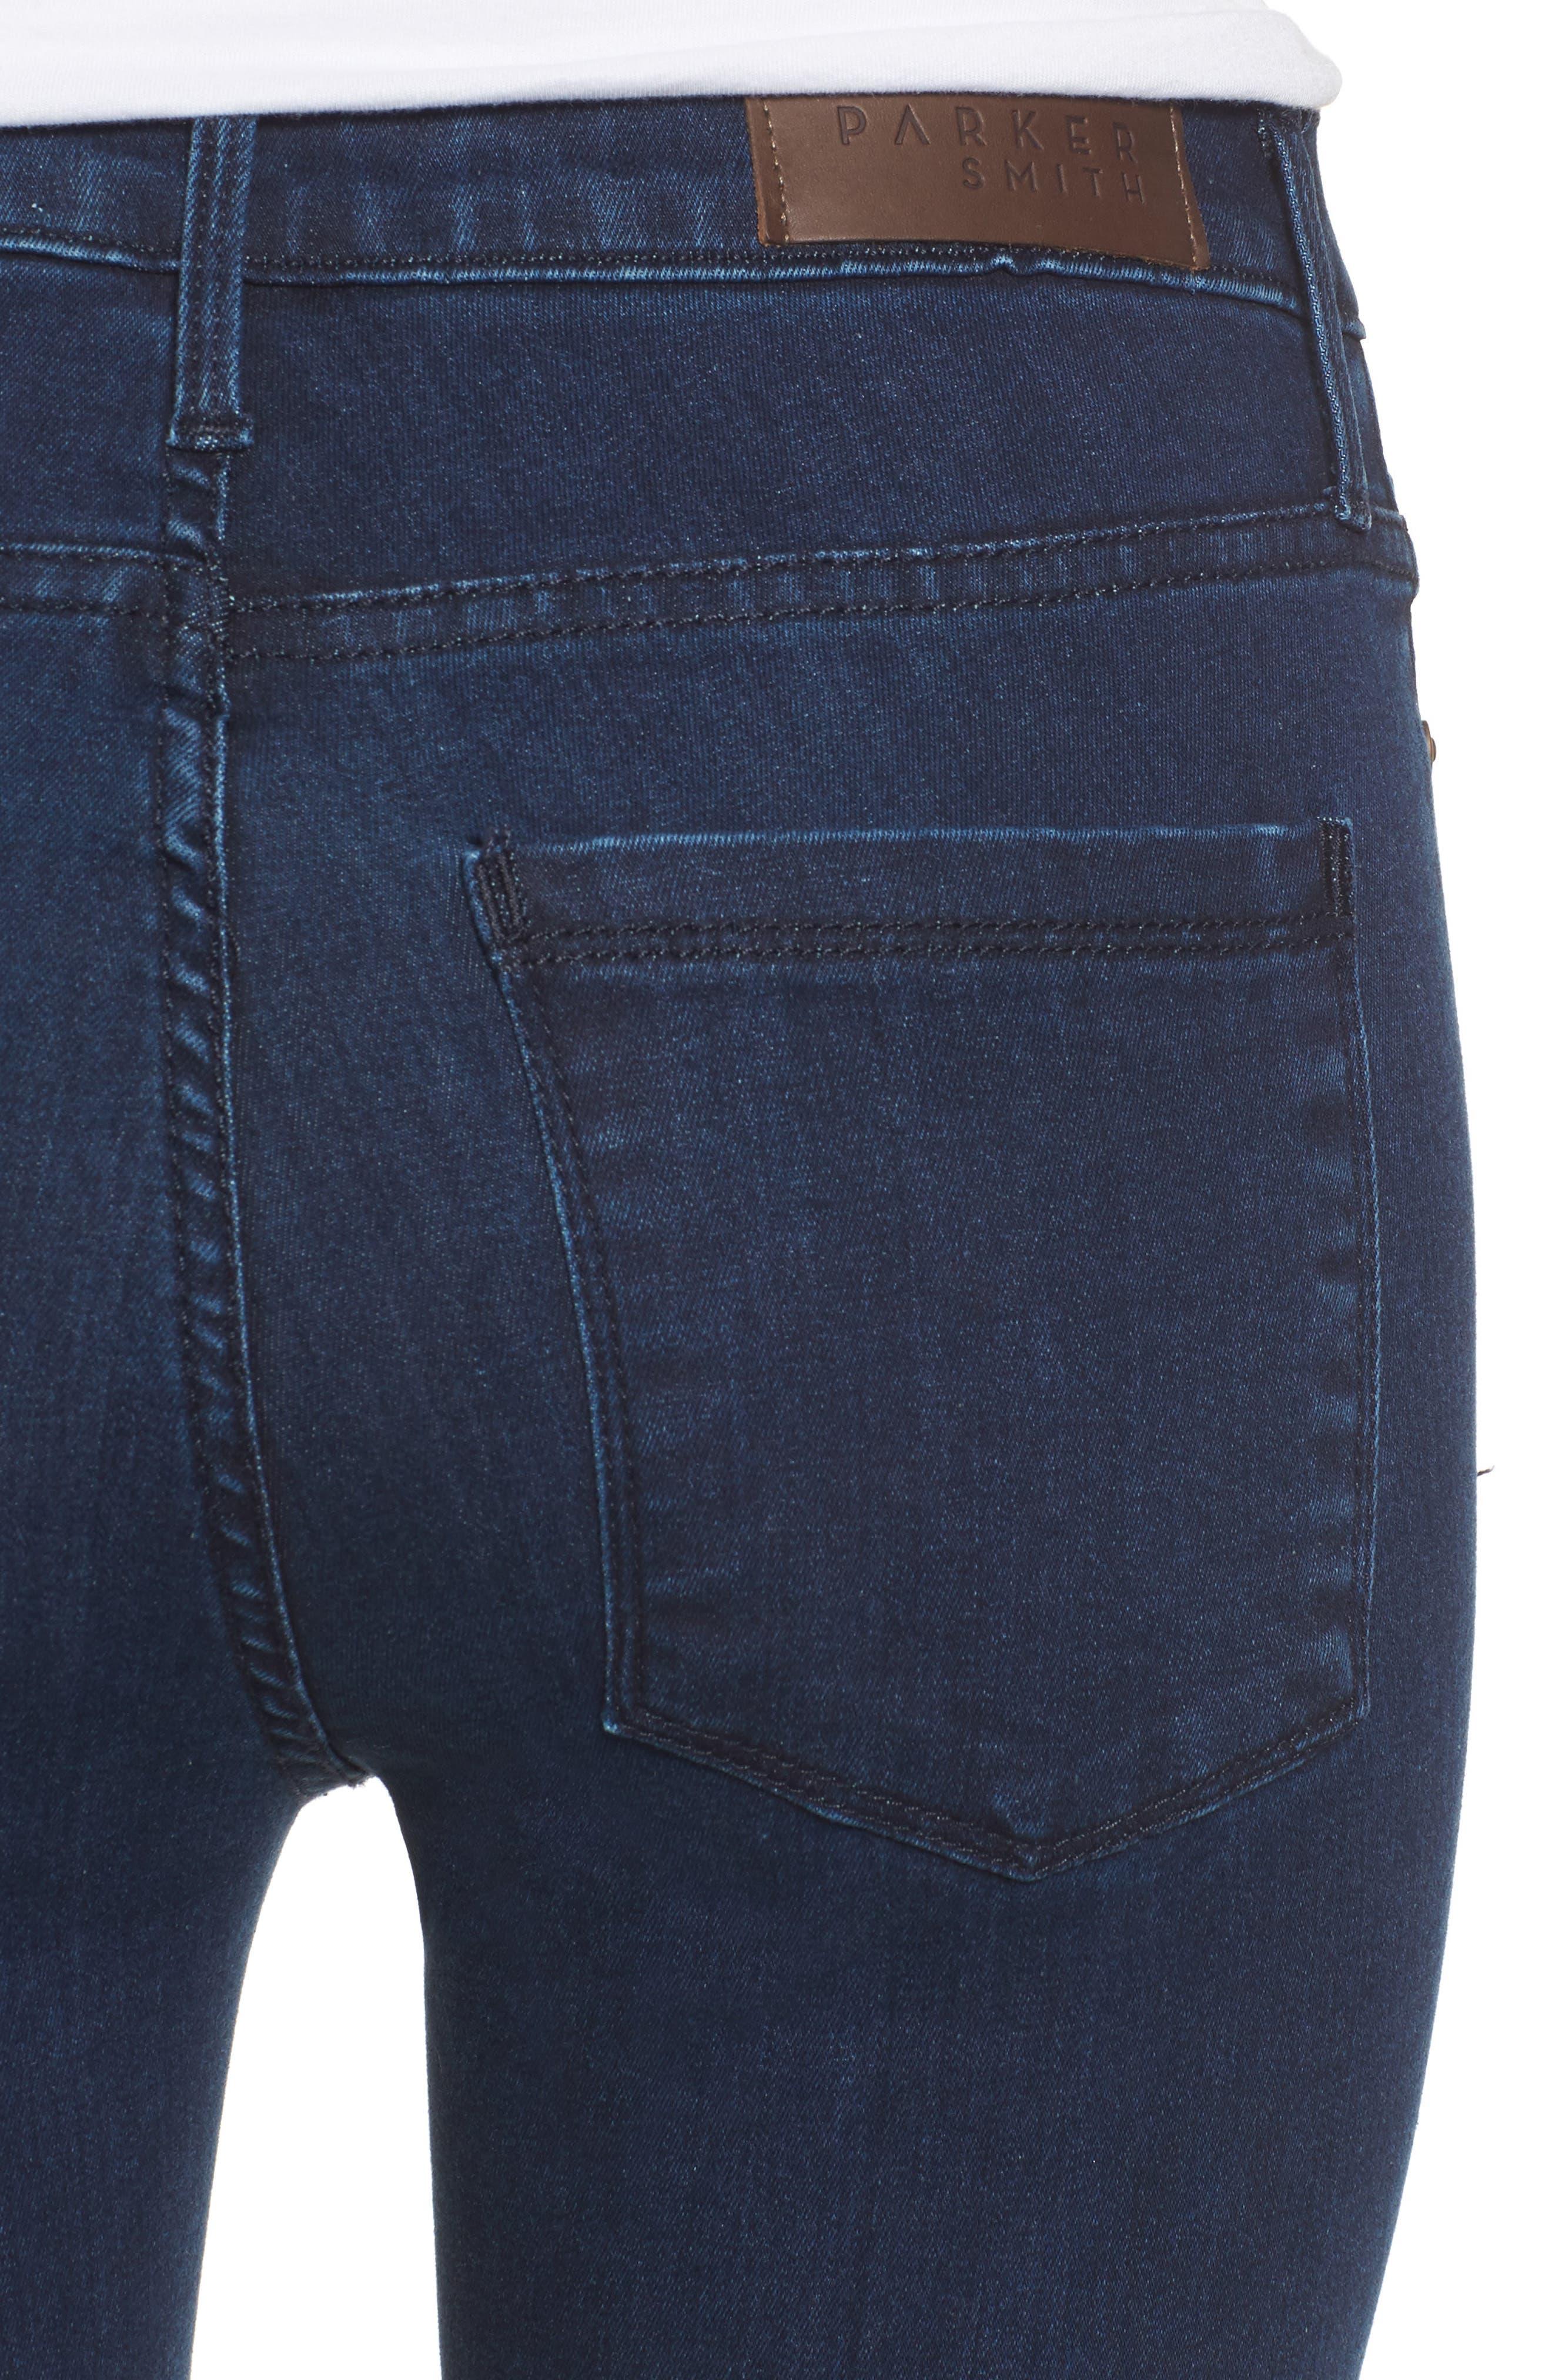 Bombshell High Waist Skinny Jeans,                             Alternate thumbnail 4, color,                             401